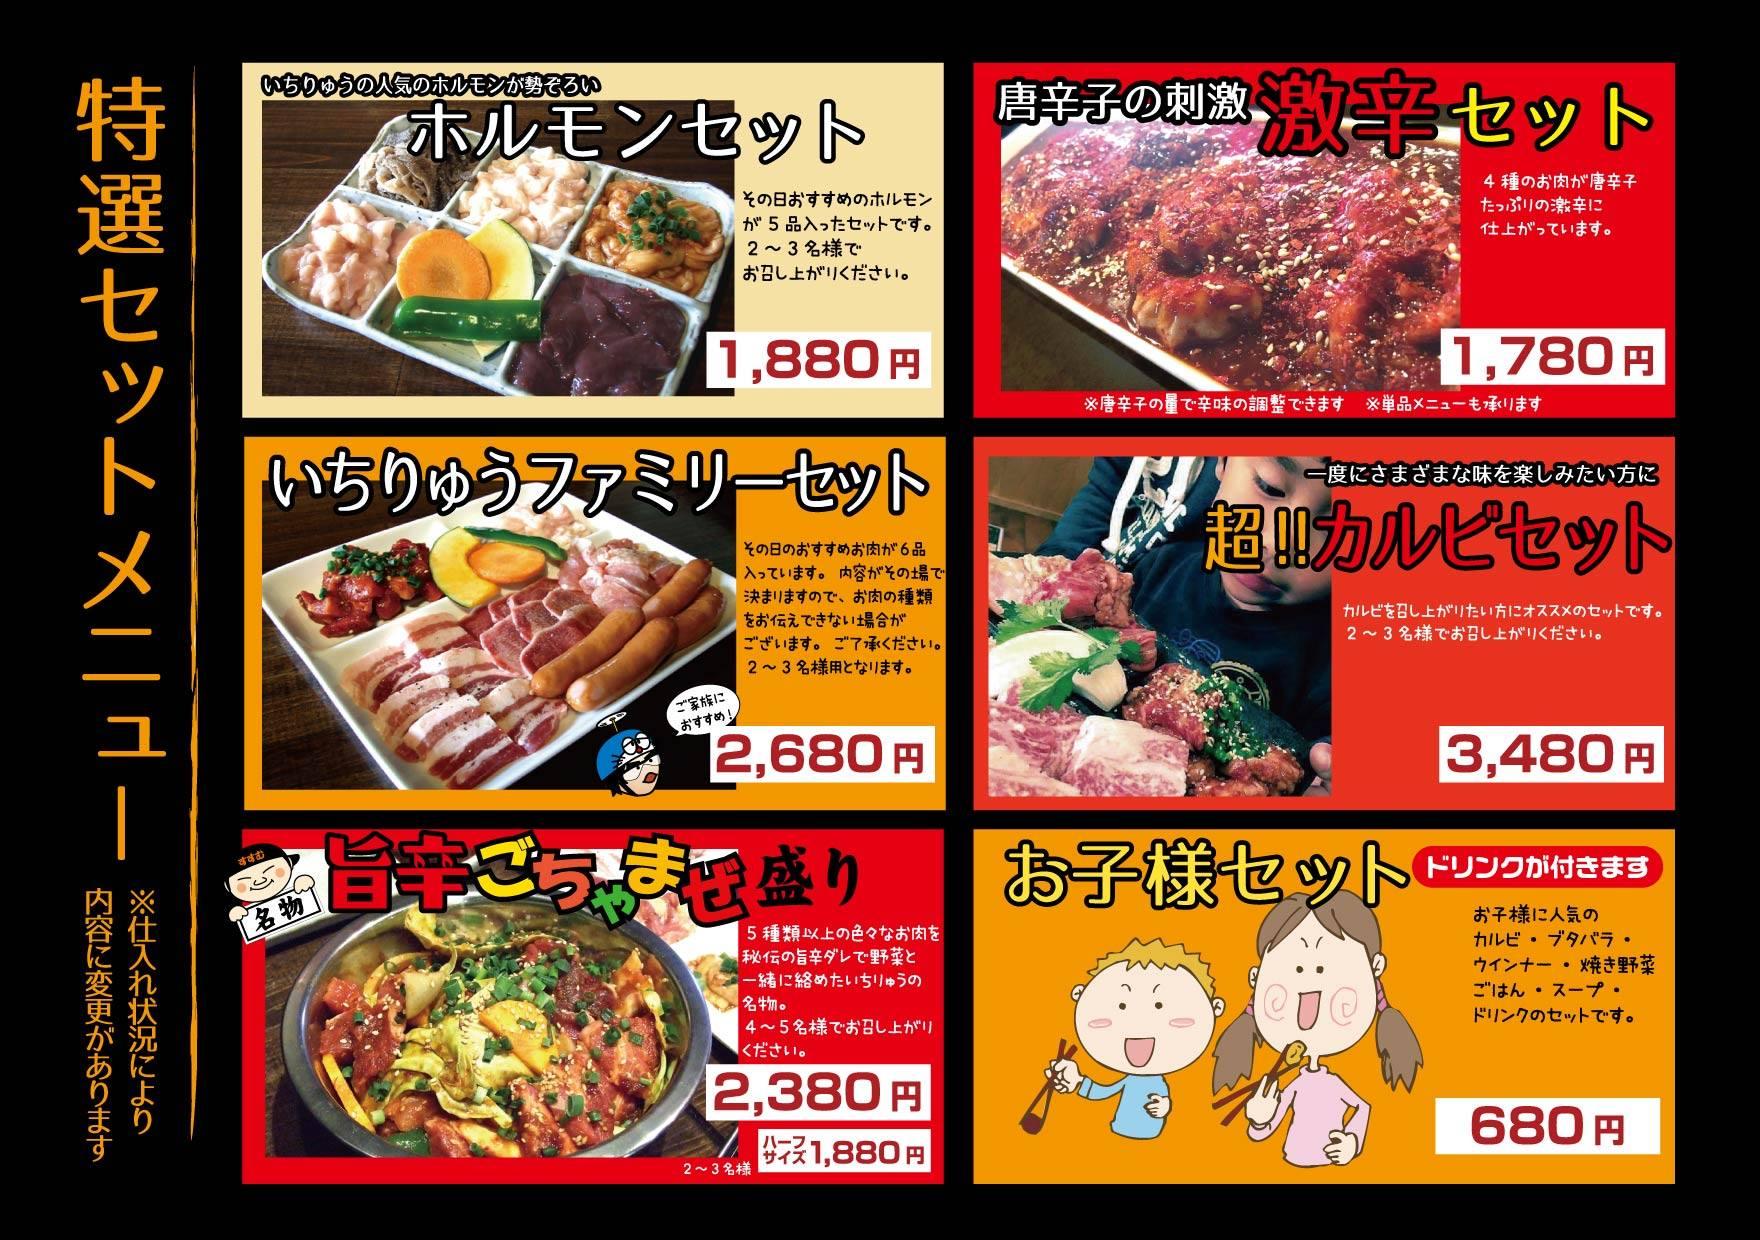 宮崎の焼肉屋さんいちりゅうの旨辛ごちゃまぜ盛り